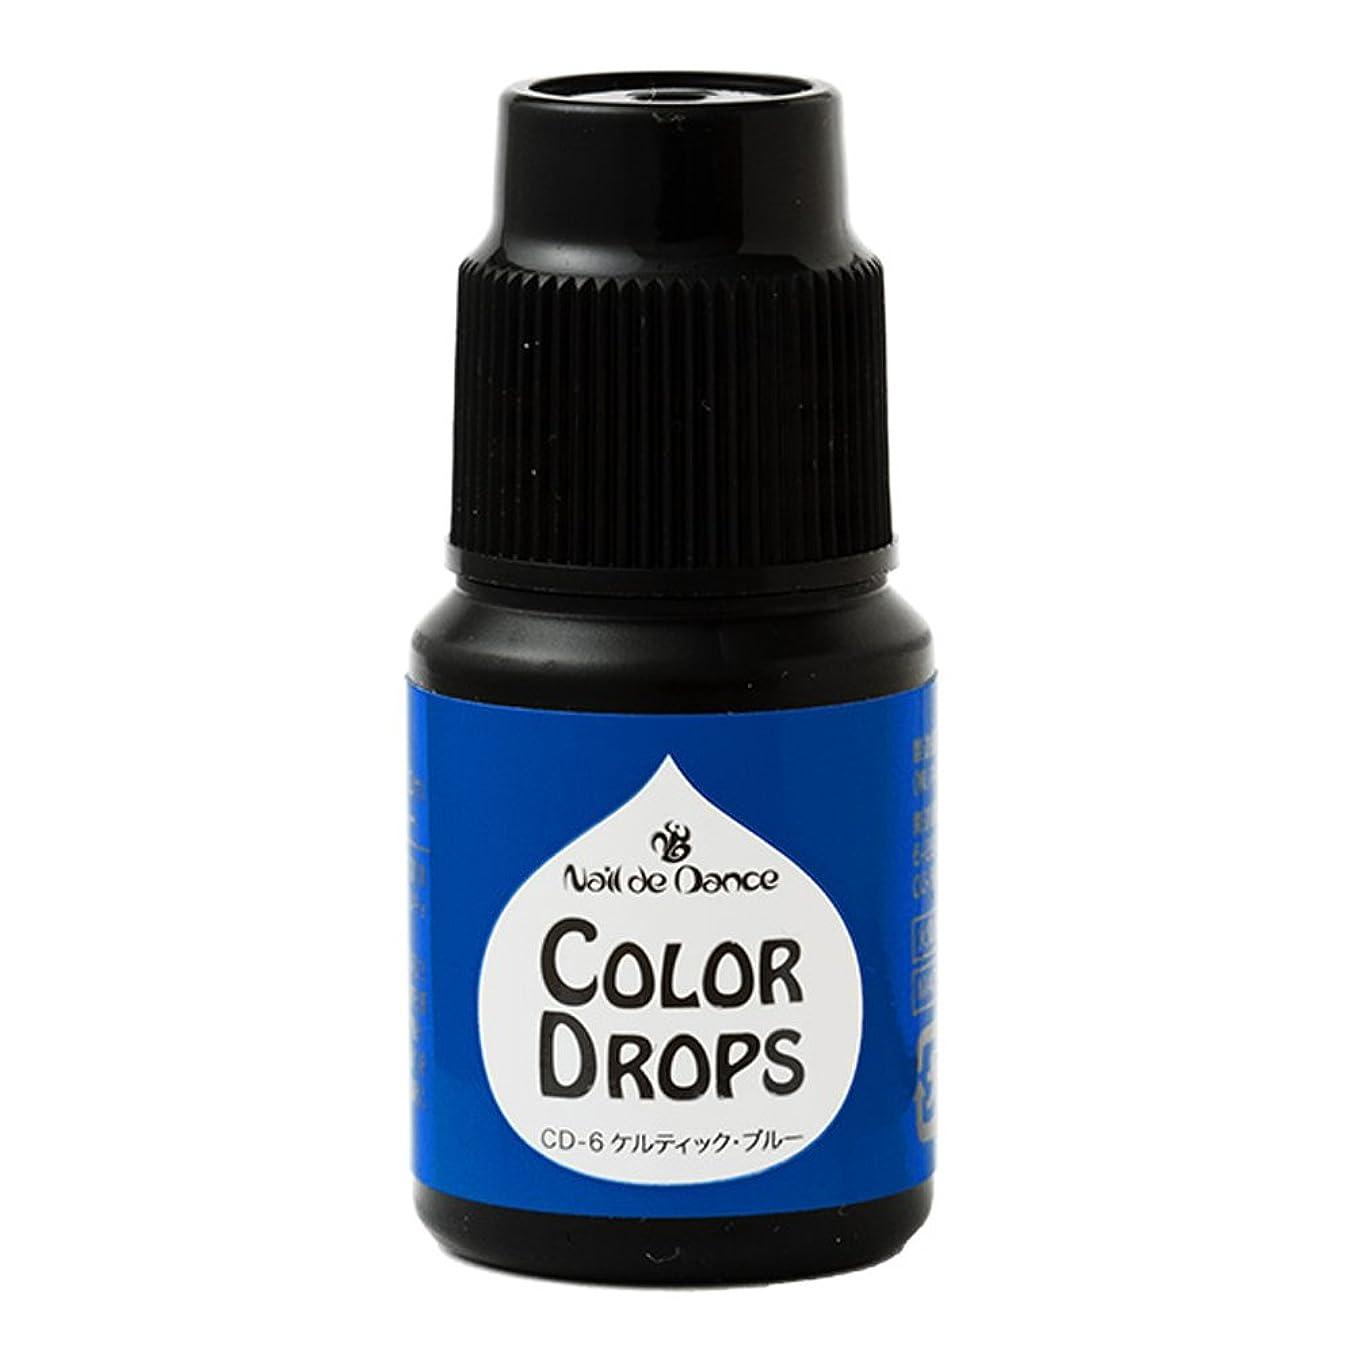 機関切り刻む彼らのカラードロップス濃縮タイプ ブルー